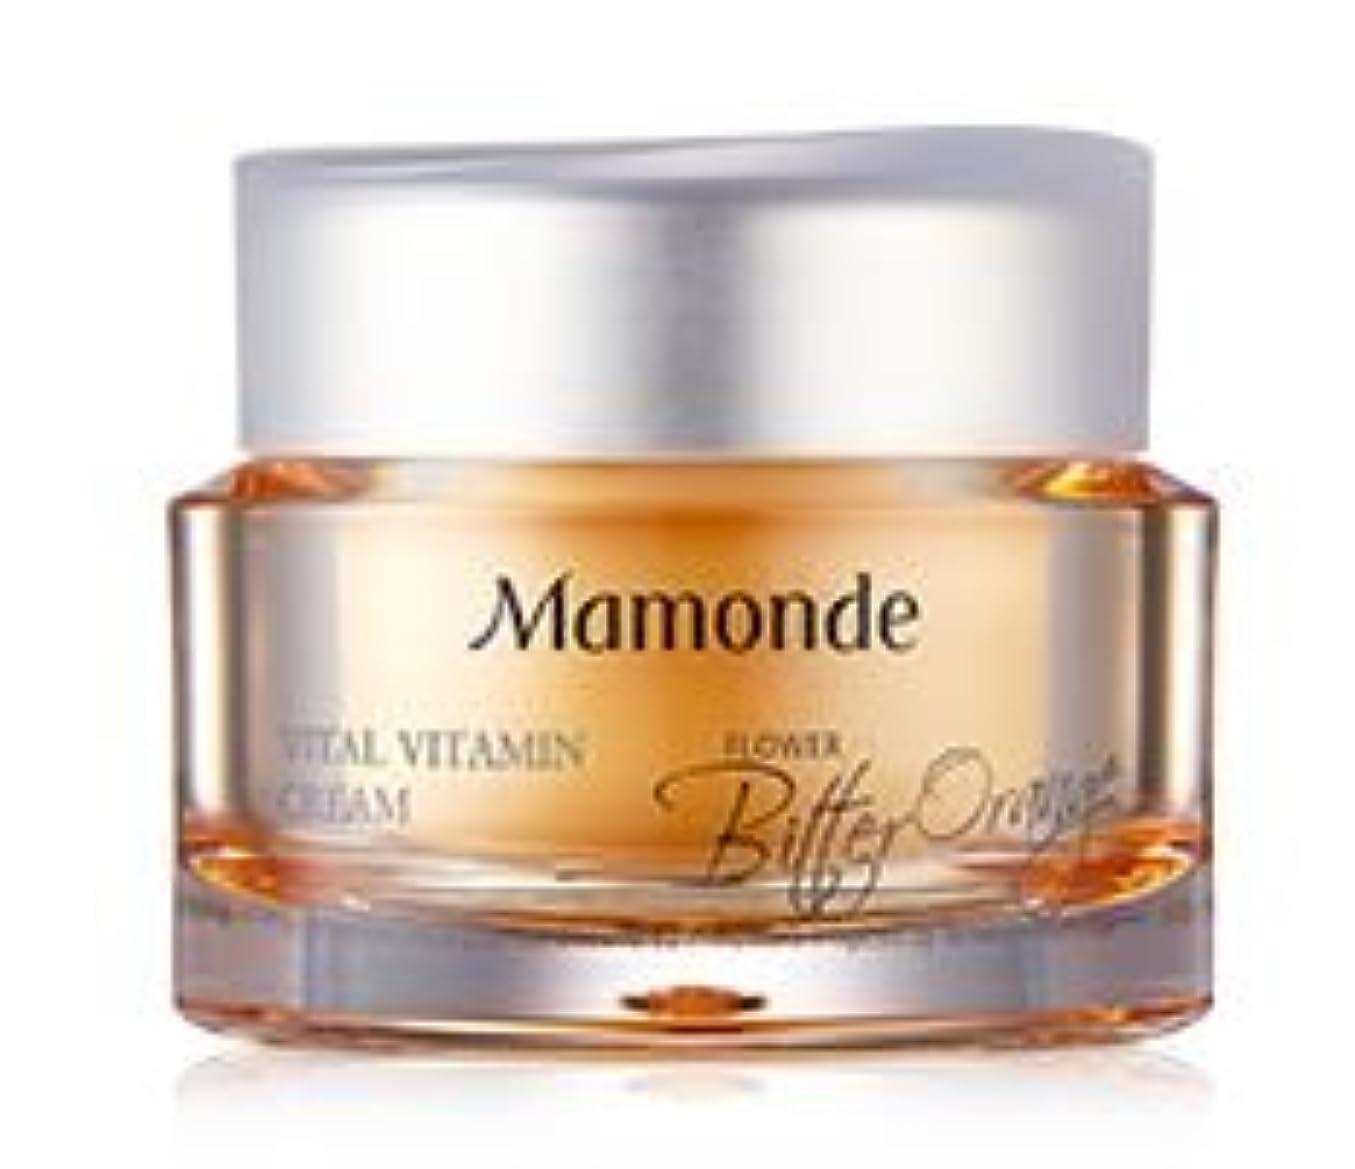 旅行代理店はがきレイアウト[Mamonde] Vital Vitamin Cream 50ml /[マモンド]バイタルビタミンクリーム50ml [並行輸入品]